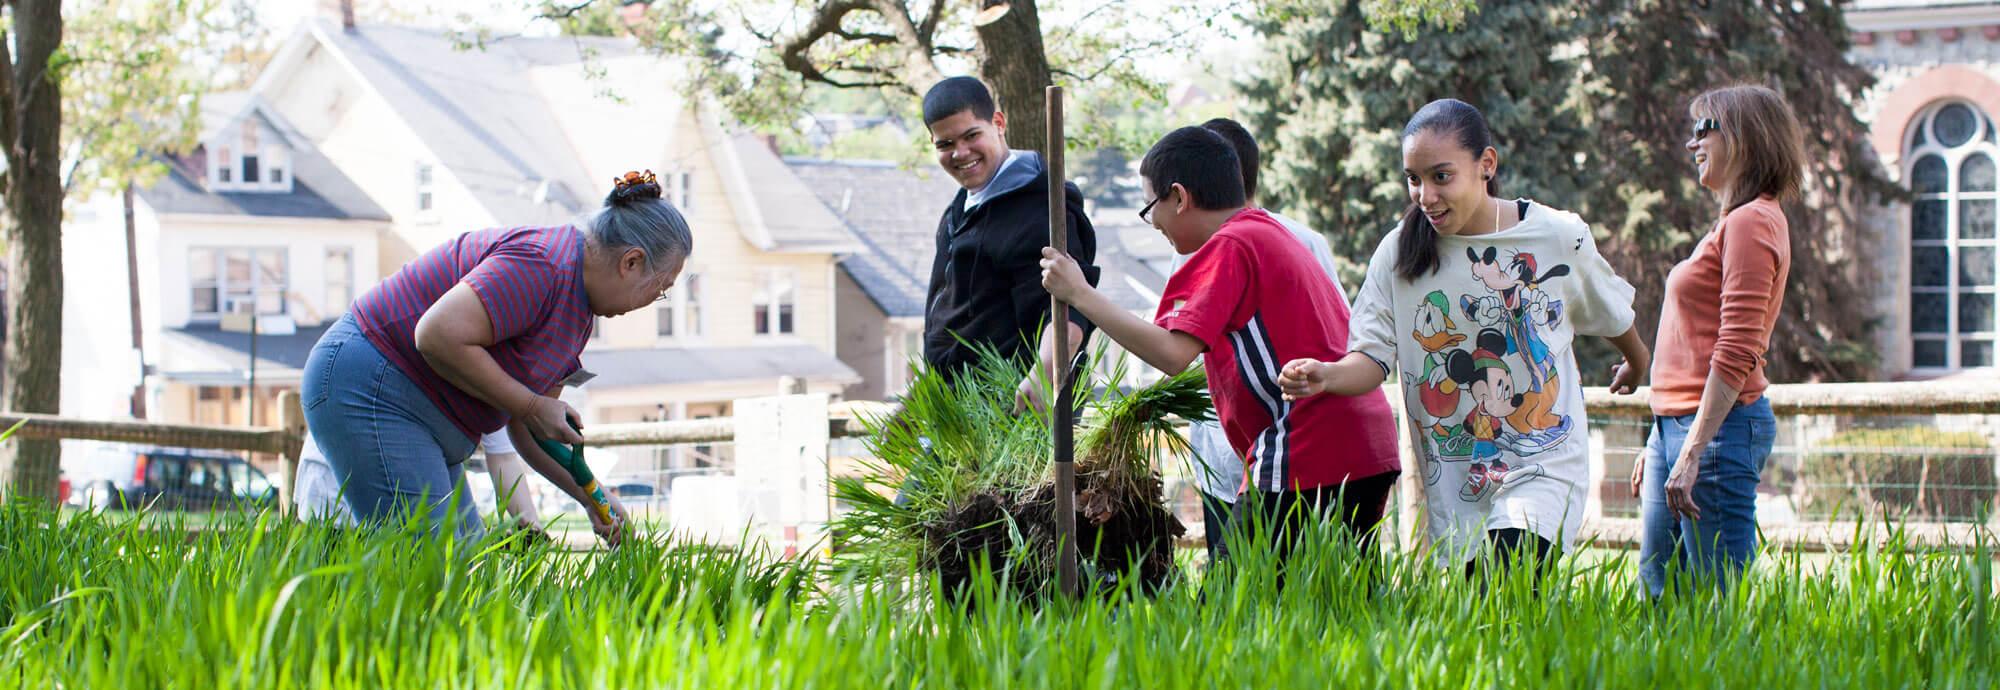 Neighborhood helpers planting new sod